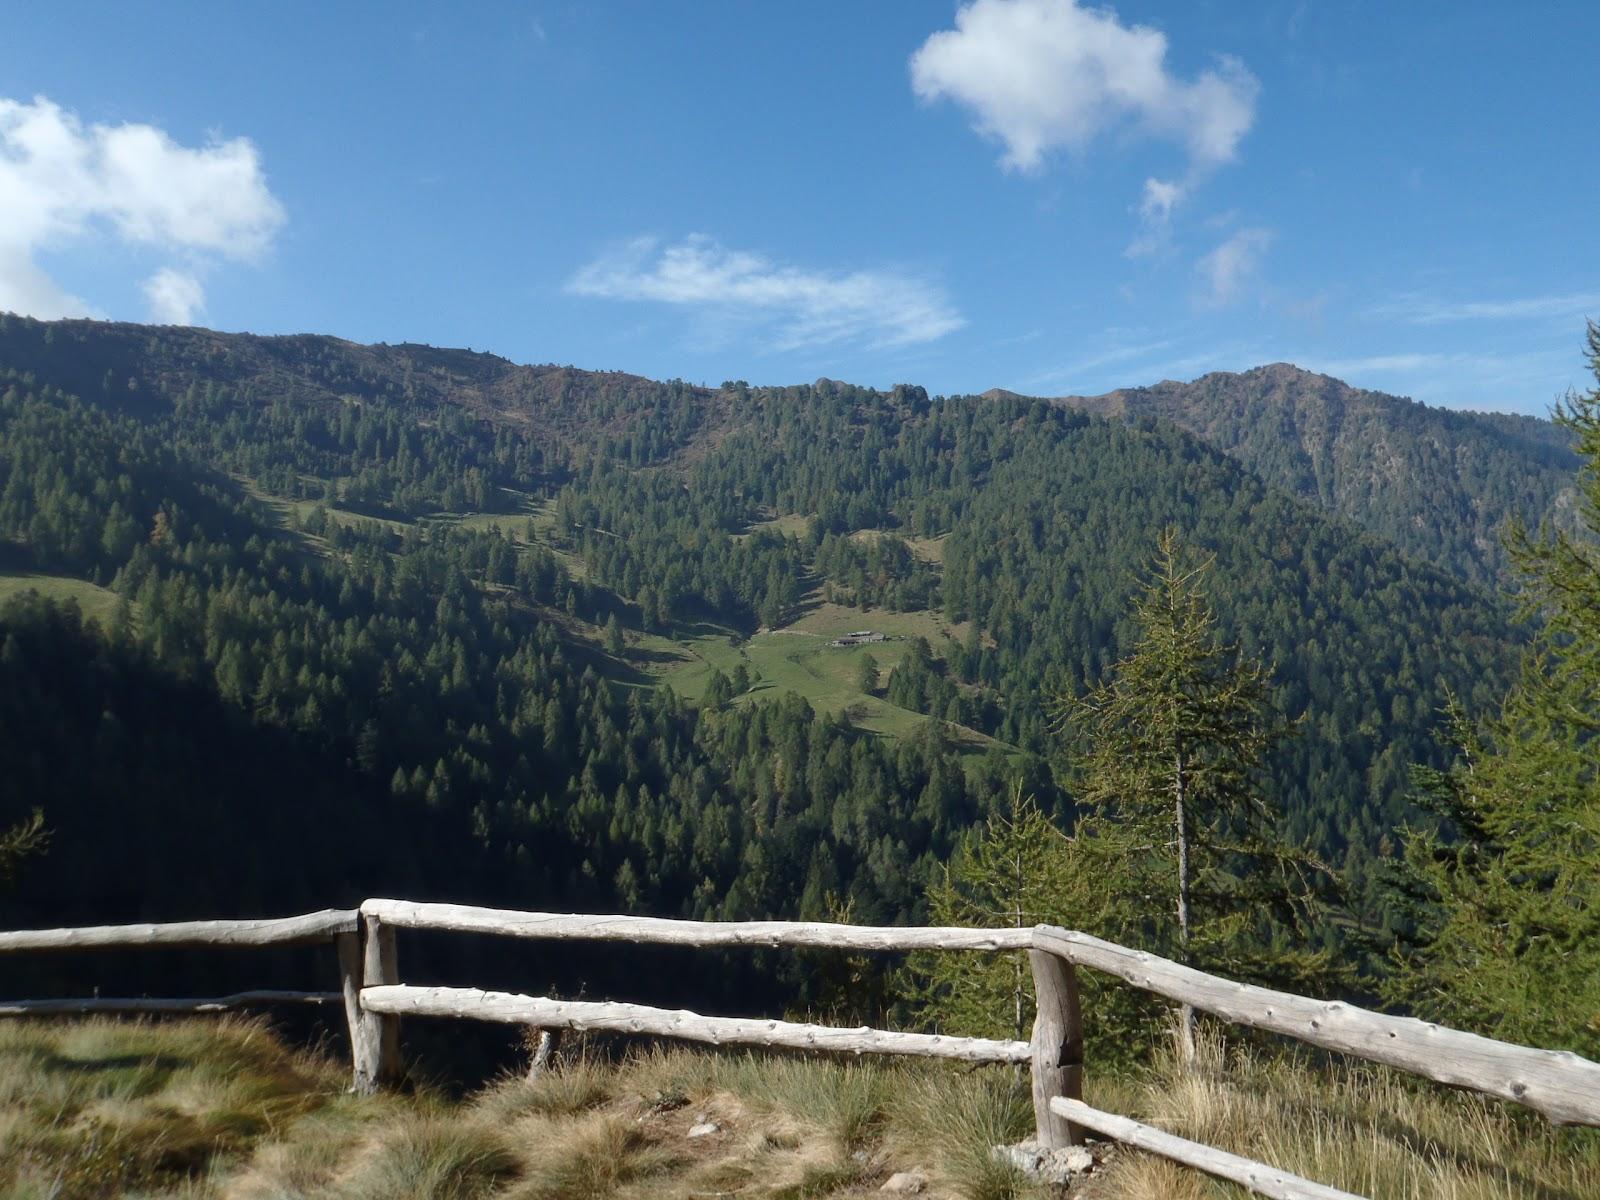 Malati di montagna sulla strada del ferro al rifugio casera vecchia di varrone - Riscaldare velocemente casa montagna ...